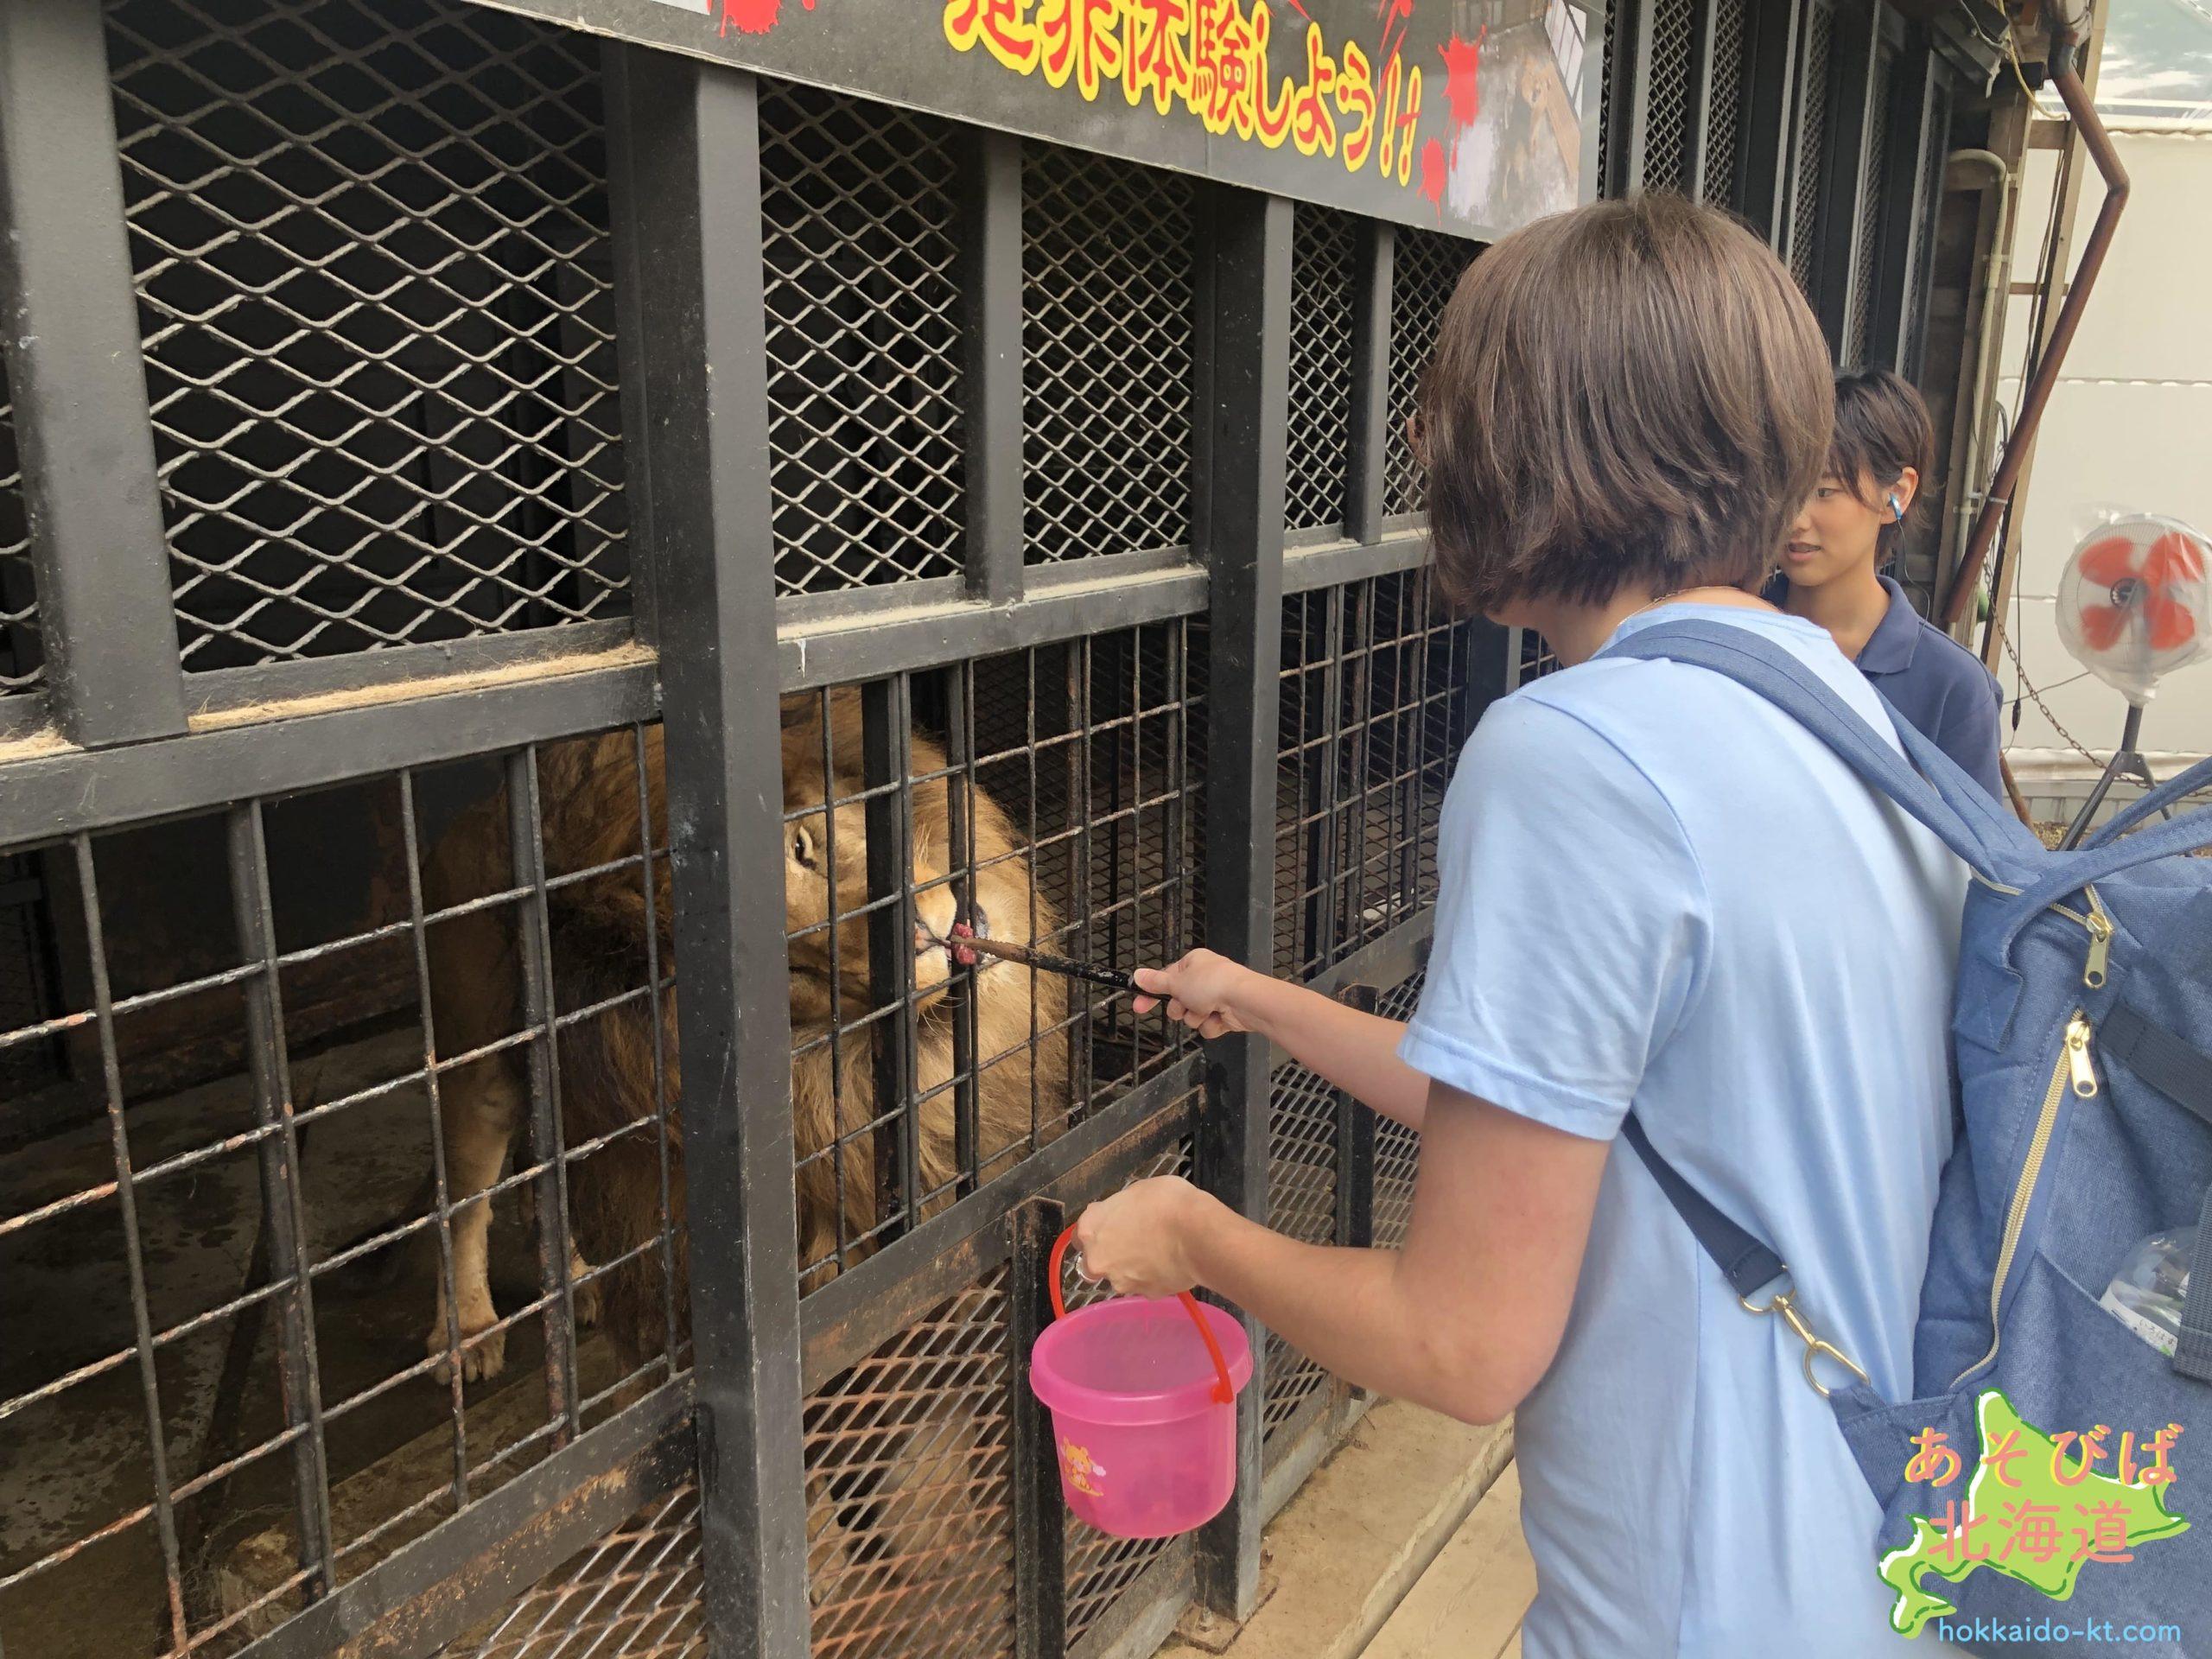 ノースサファリサッポロのライオンの餌やり体験